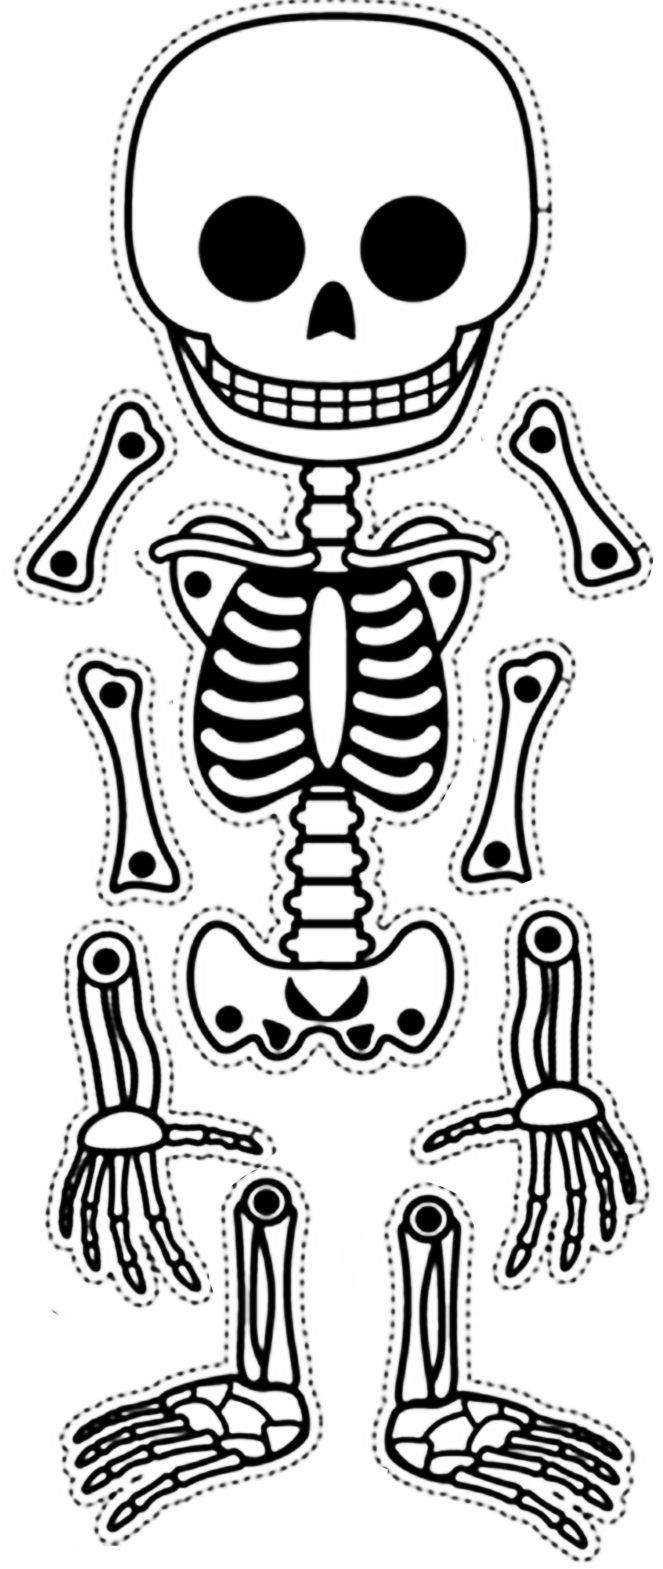 esqueleto pronto2